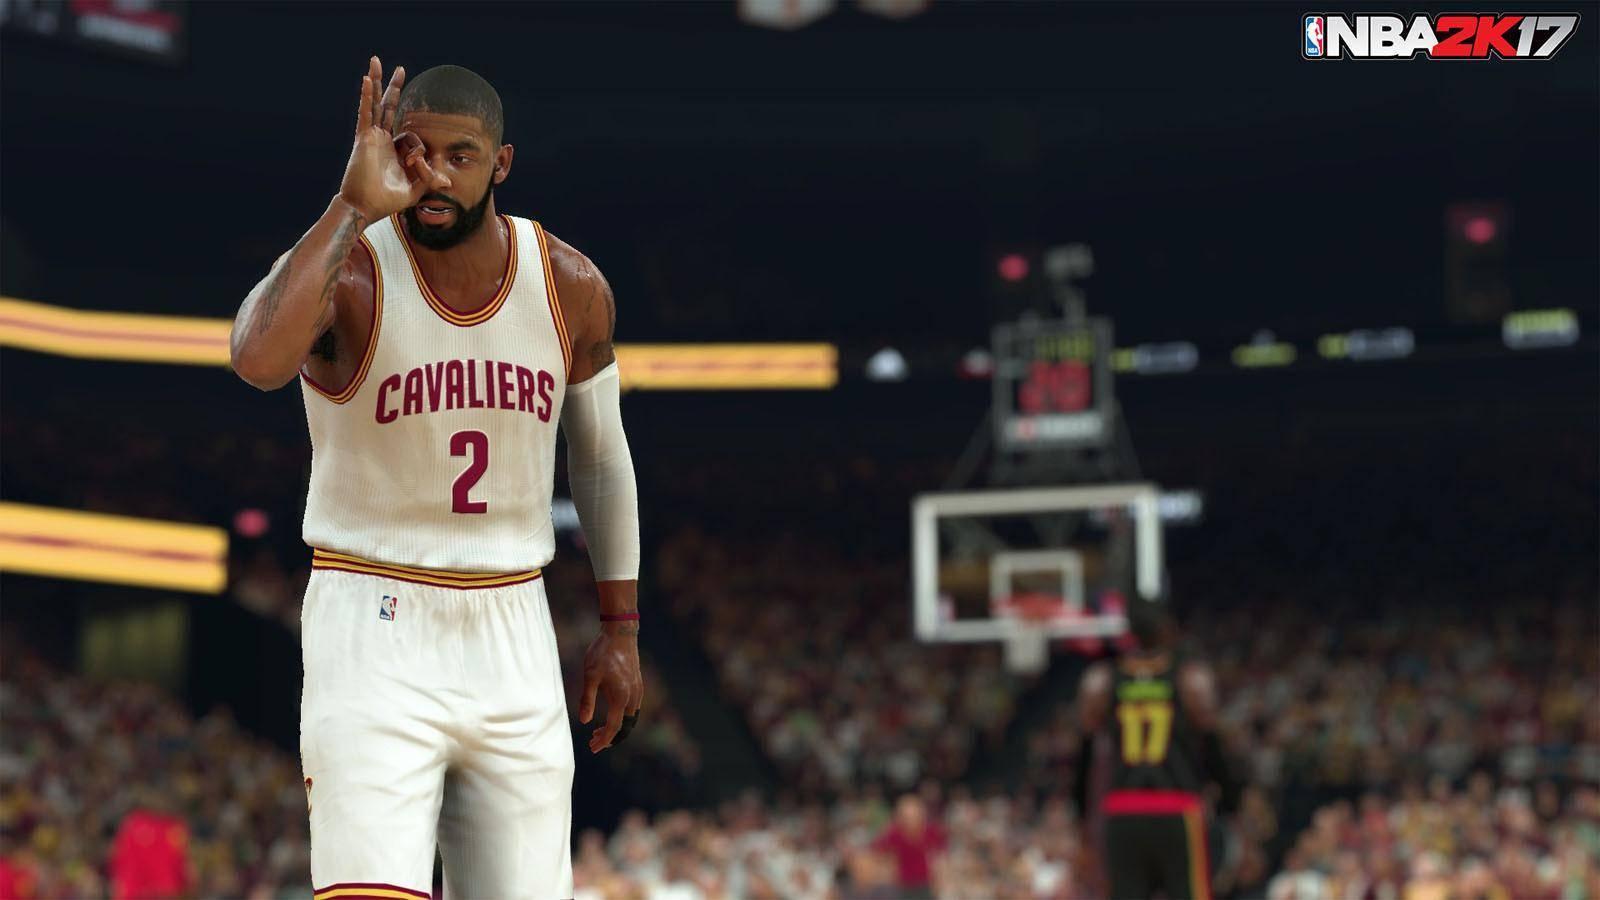 Resultado de imagen para NBA 2K17 Legend Edition Gold